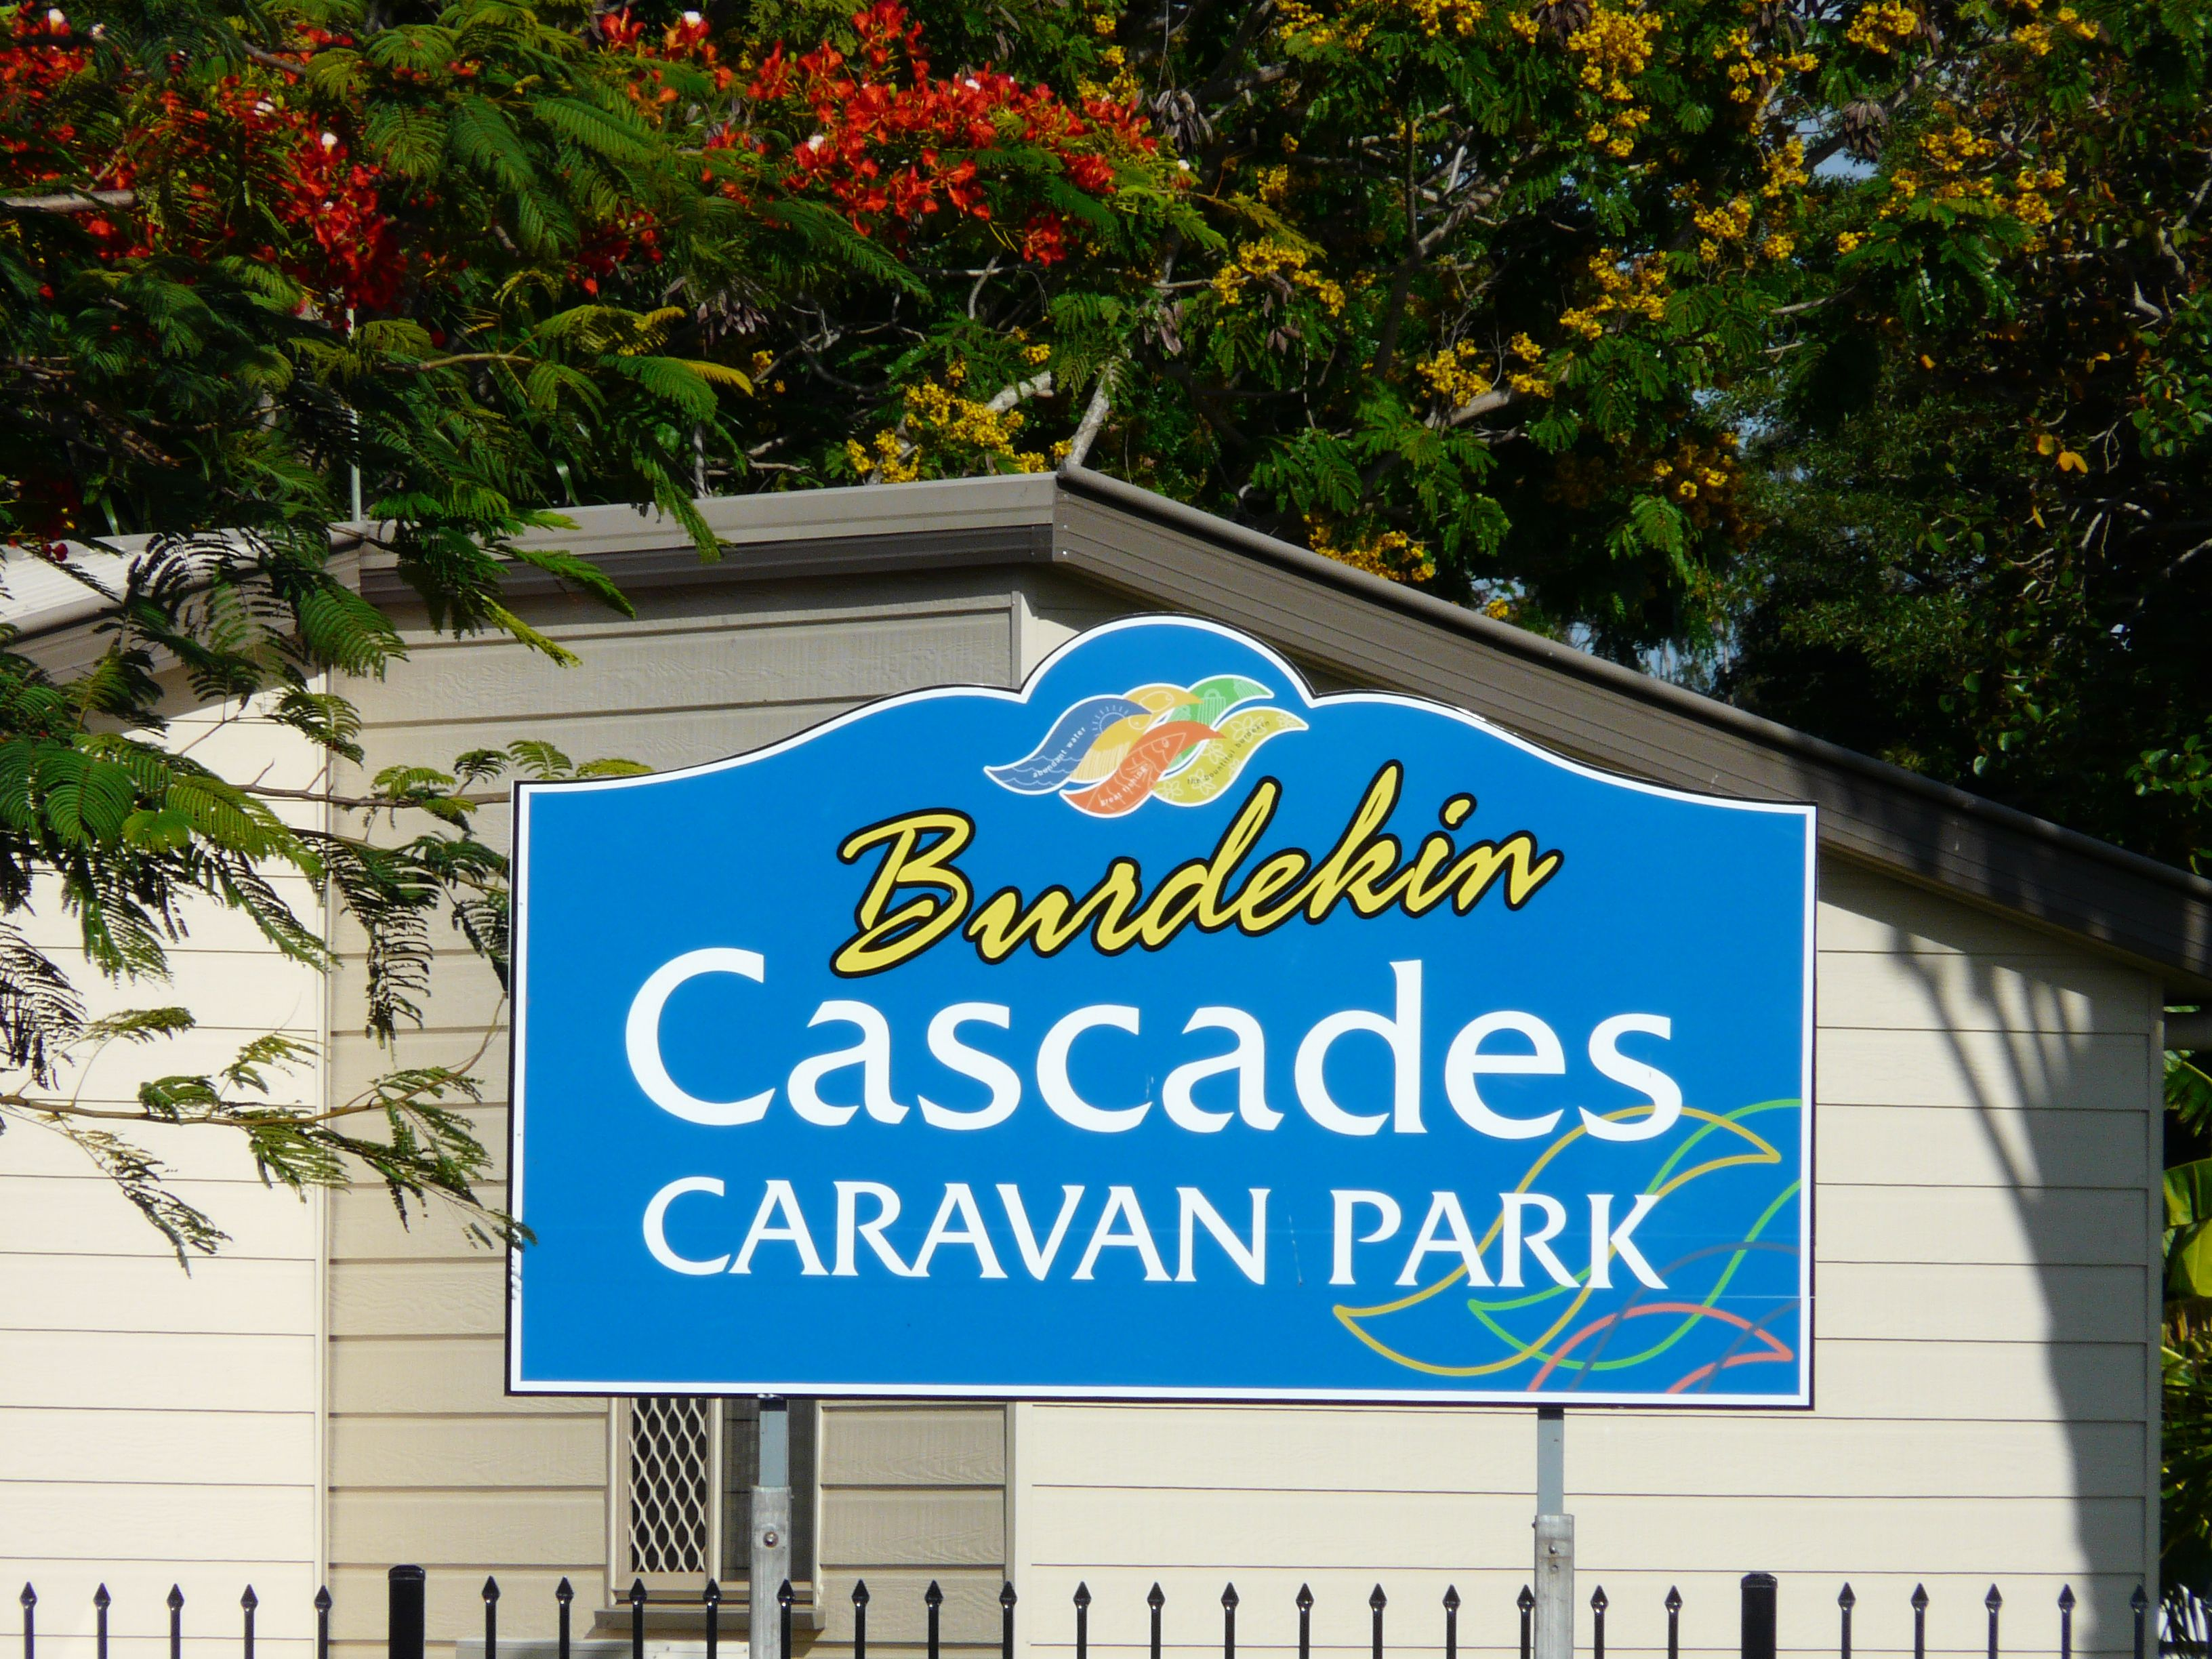 Burdekin Cascades Caravan Park, Ayr, North Queensland